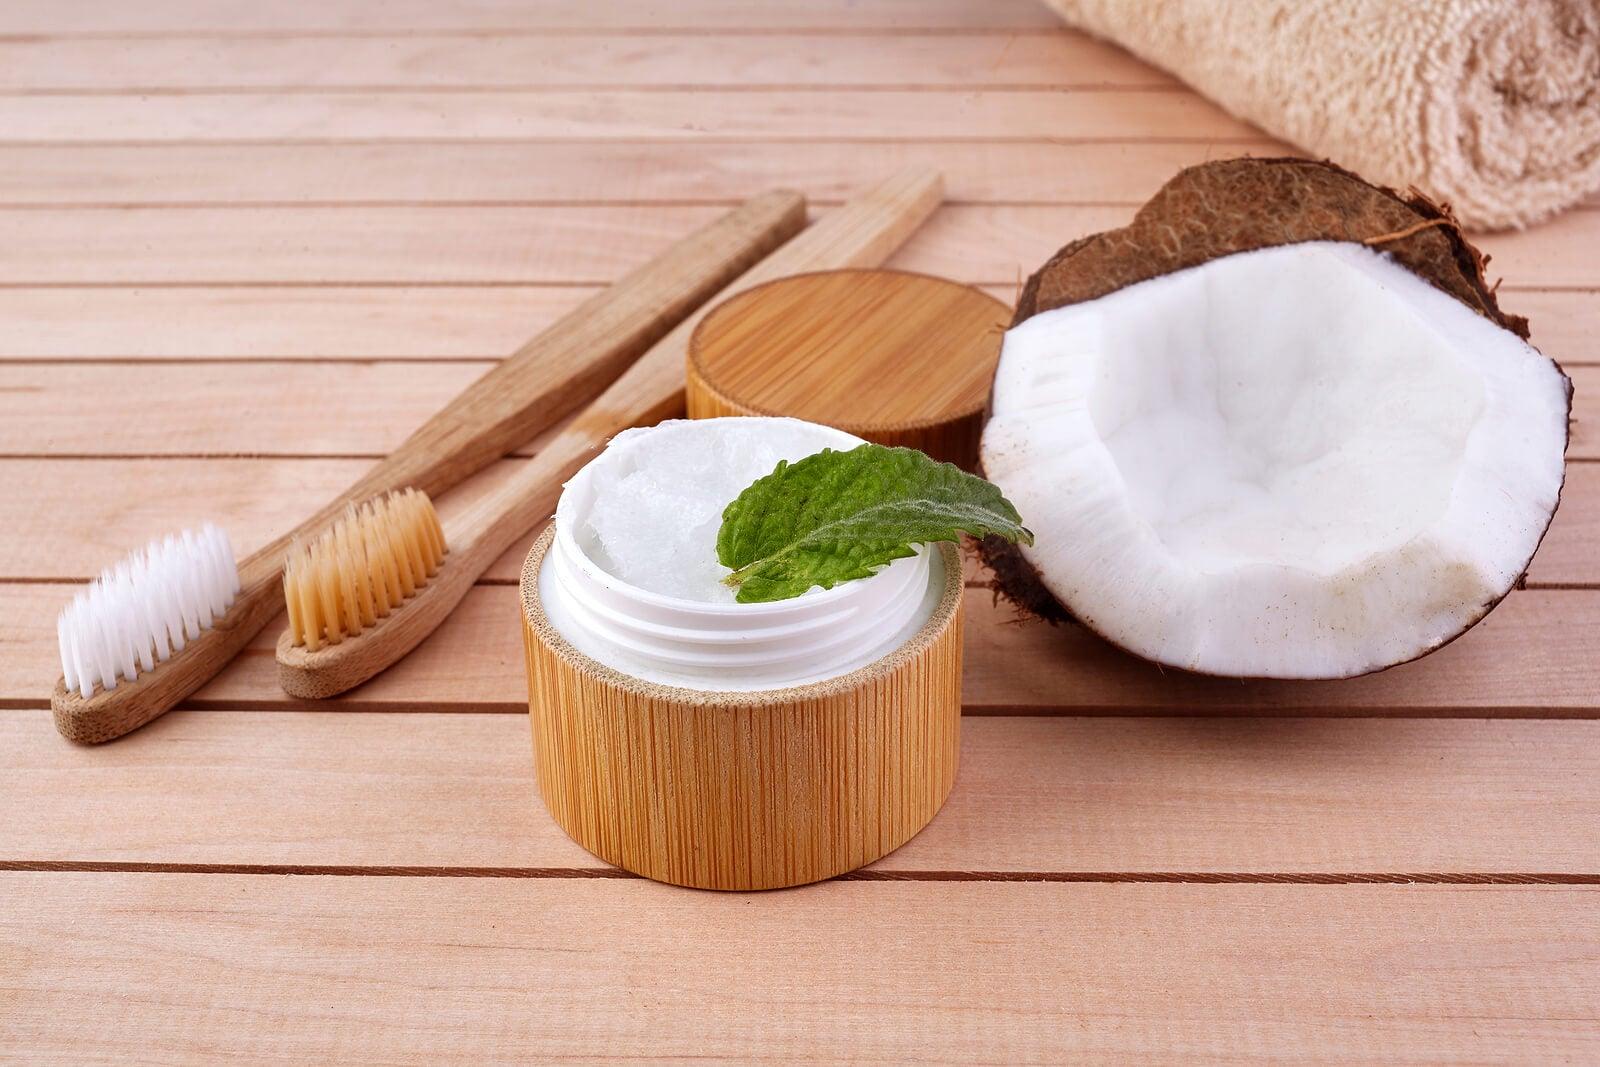 ¿Cómo hacer un dentífrico natural?